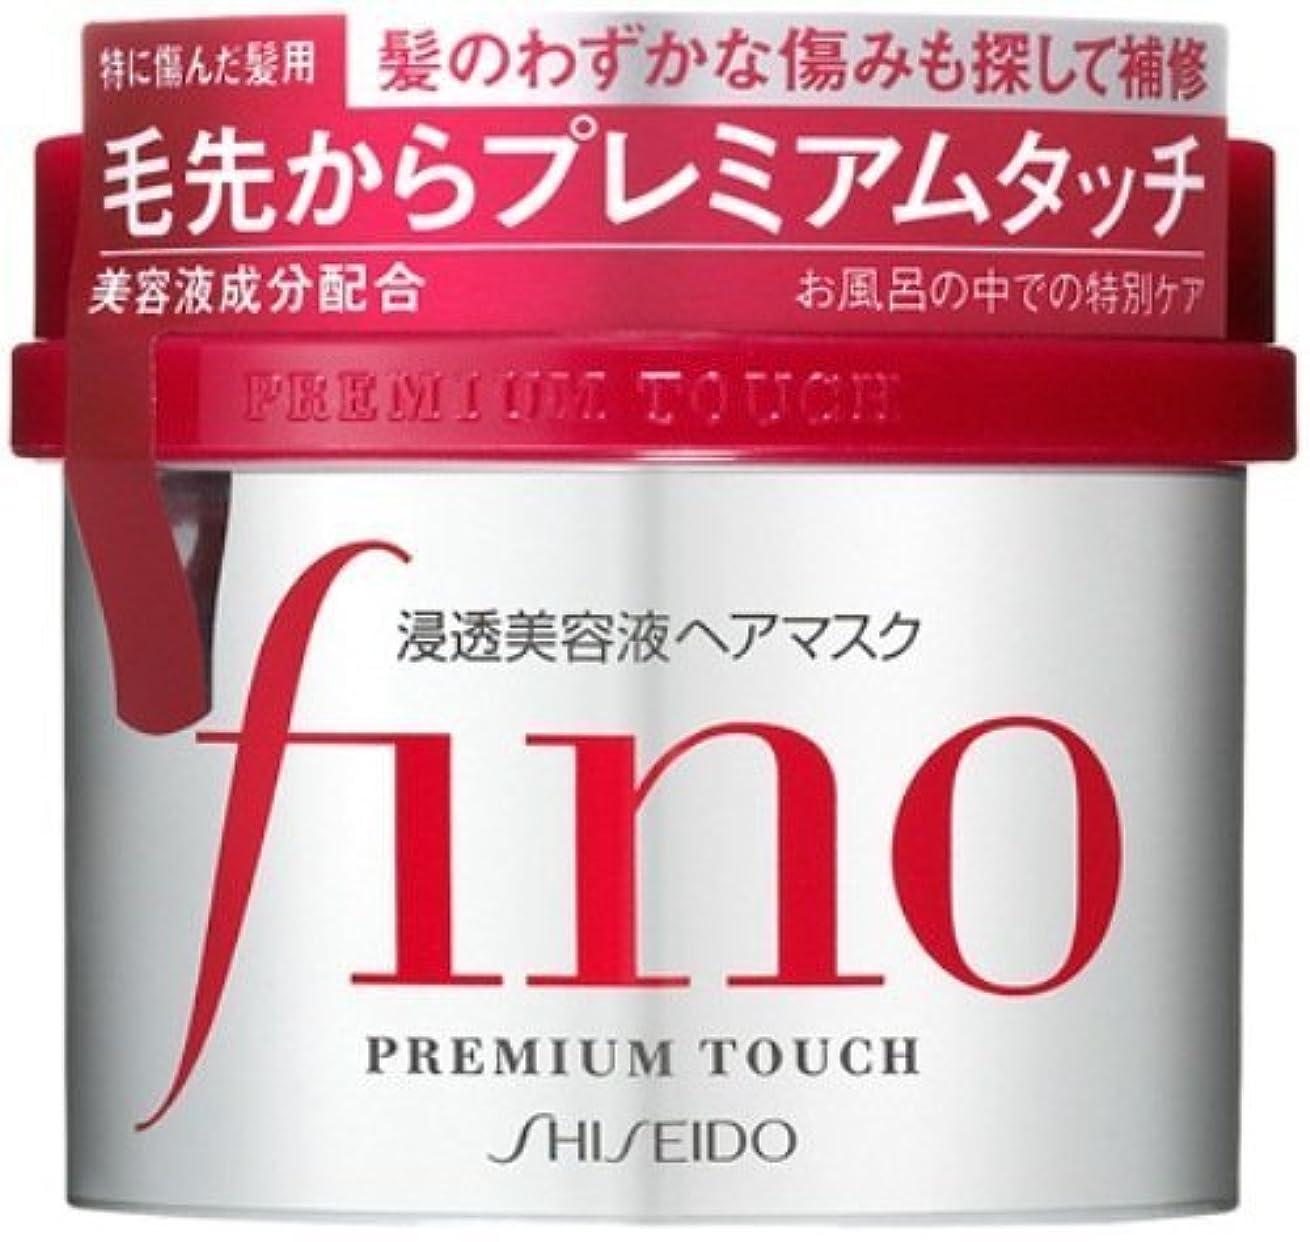 メロン賞安価なフィーノプレミアムタッチ浸透美容液ヘアマスク230g (3個)